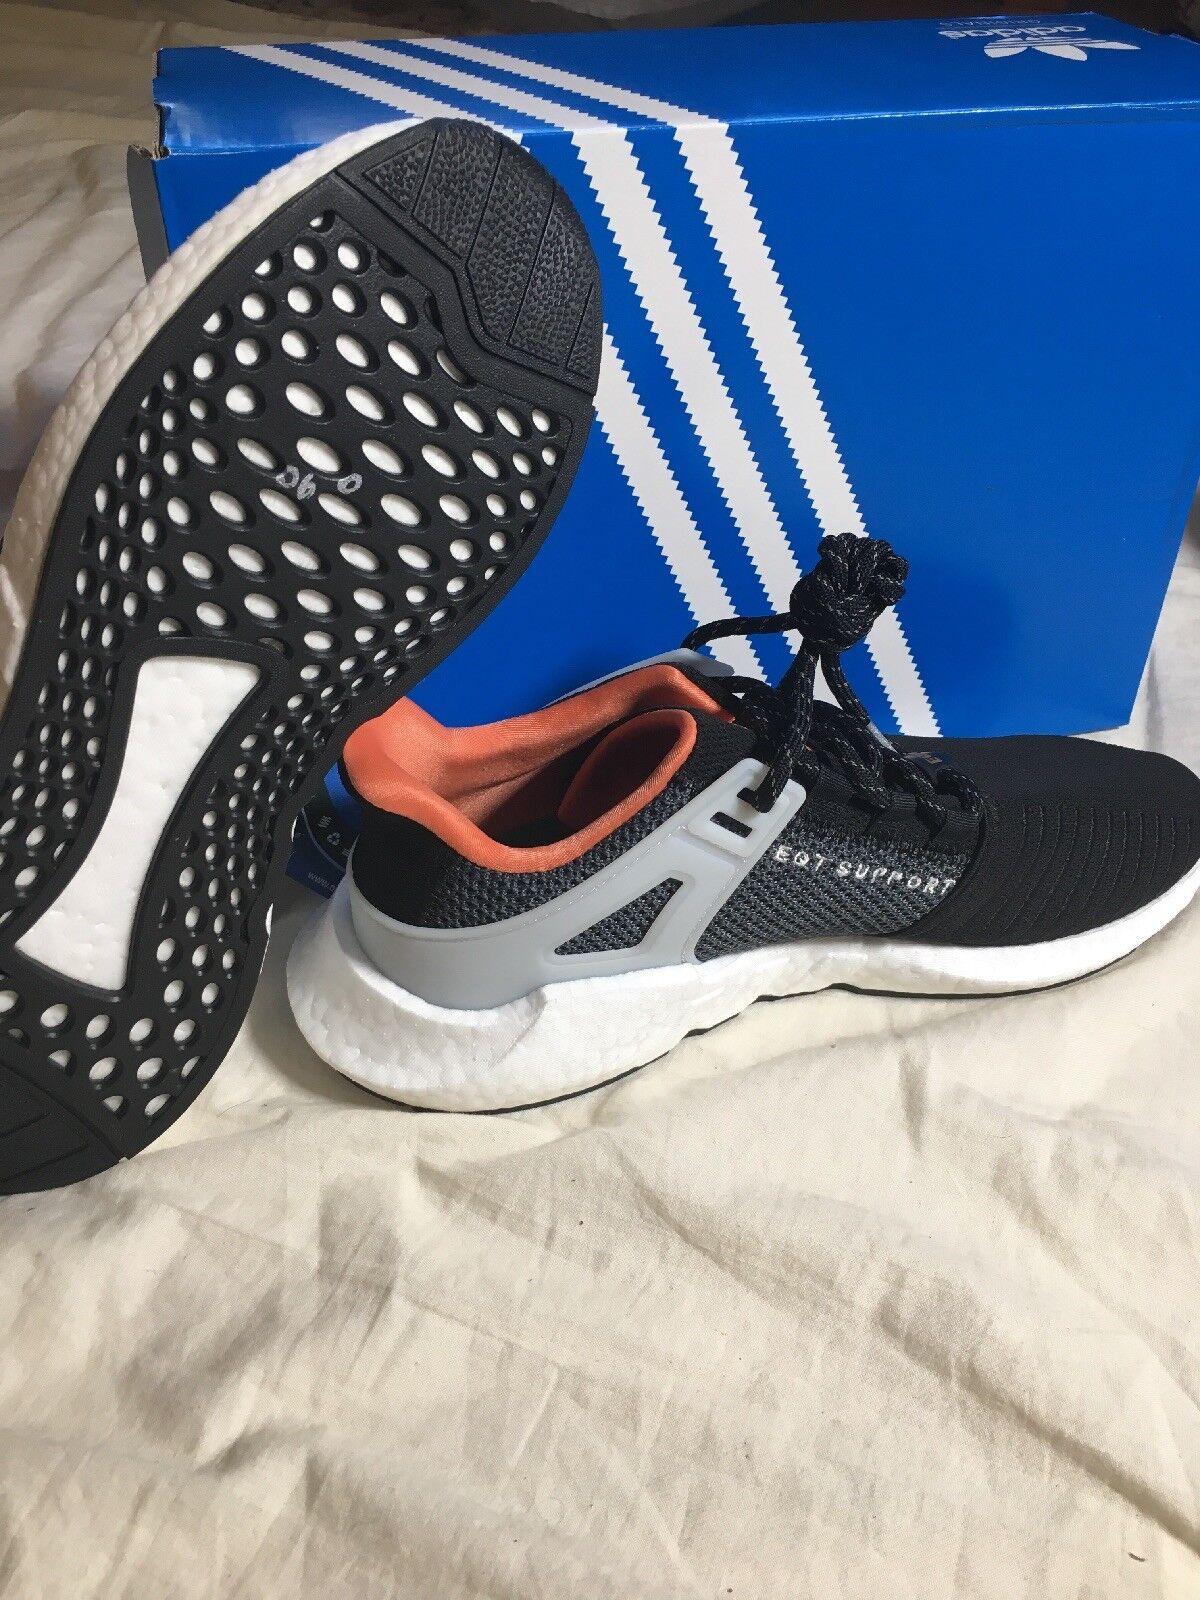 sale retailer f7e5e 934a9 Men's EQT 10 Size CQ2396 shoes Black Pack Welding Boost 17 ...